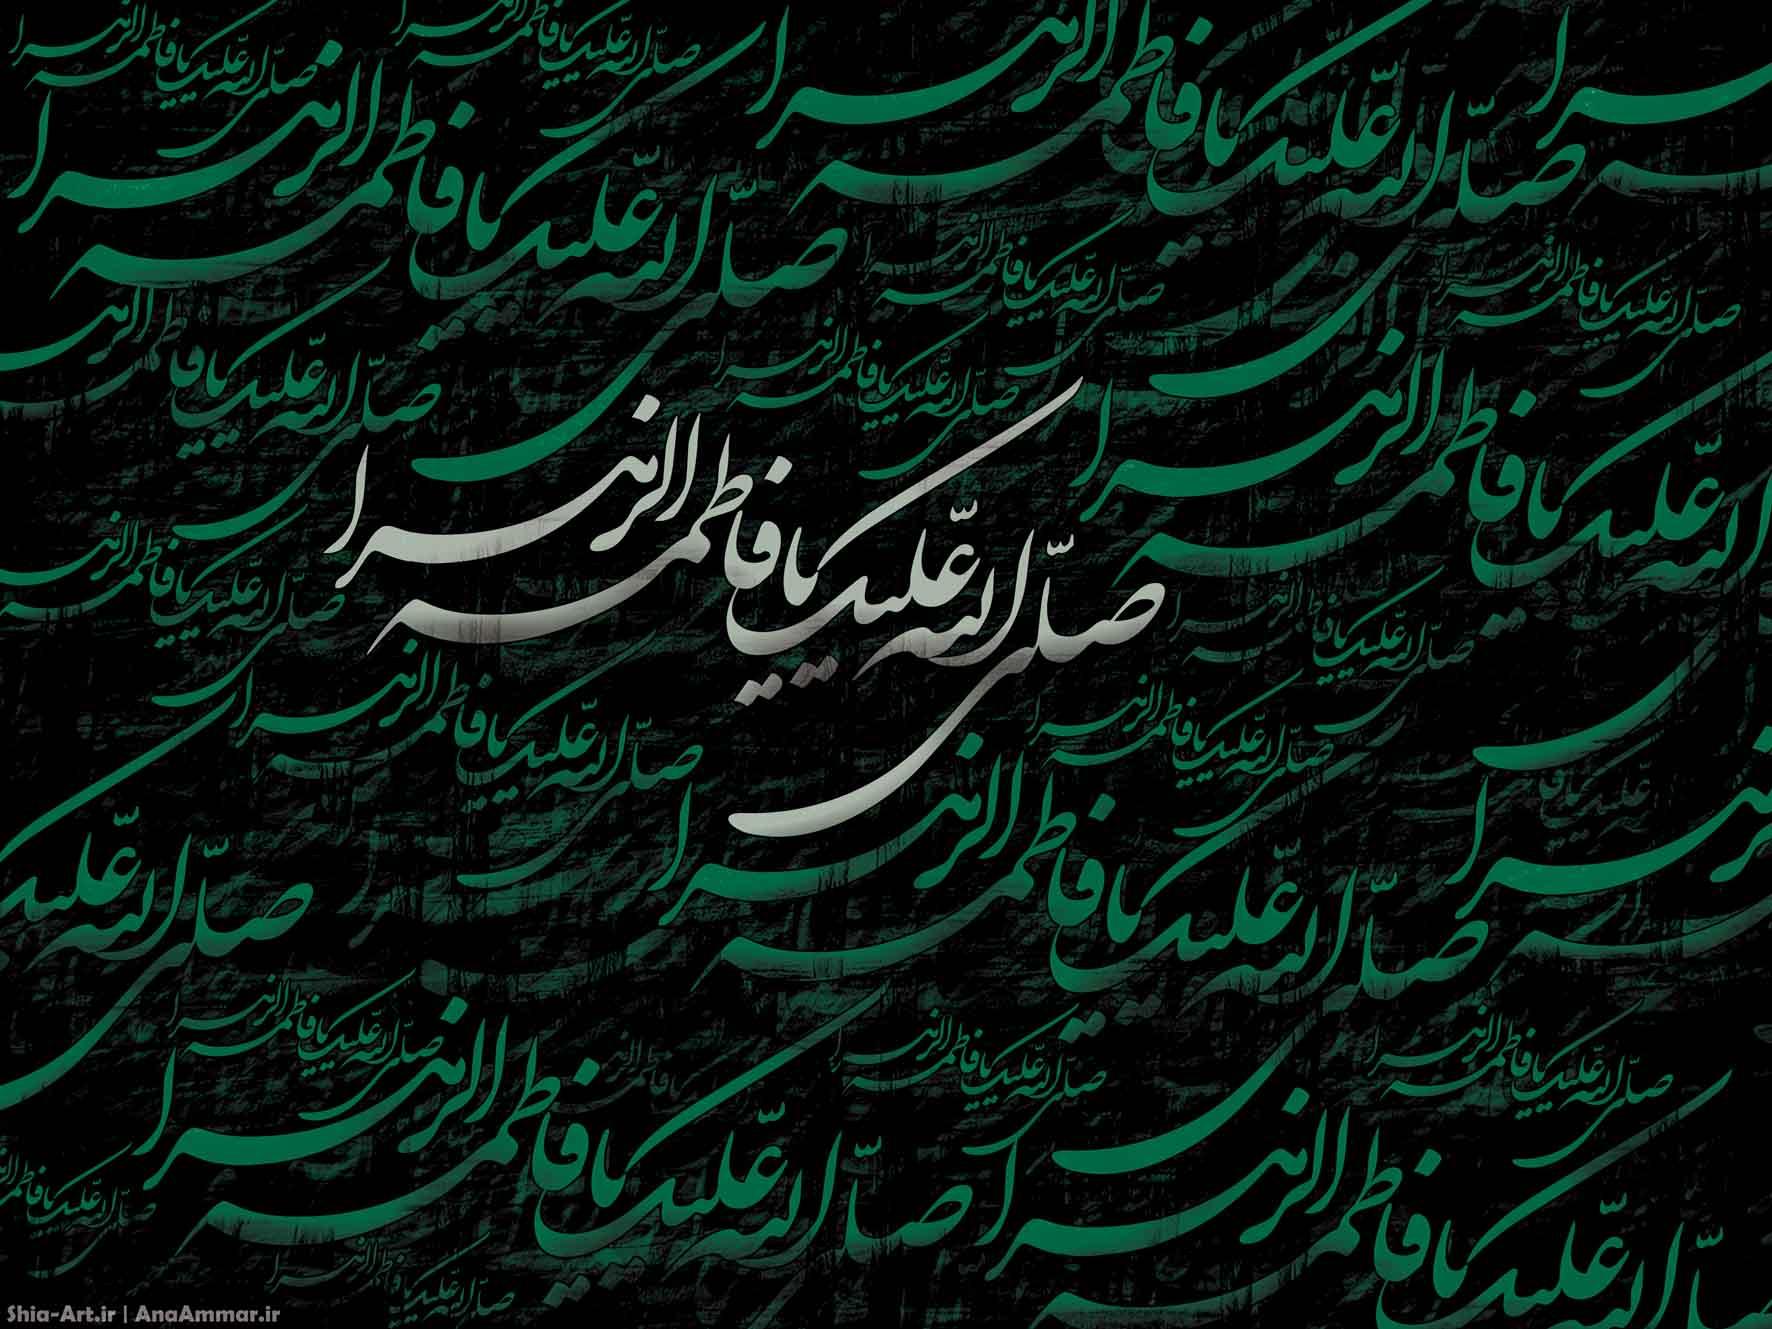 در کشورمان عاشورای دومی به نام حضرت زهرا(س) برپا شده/ حضرت فاطمه شهیدۀ امر به معروف و نهی از منکر بود